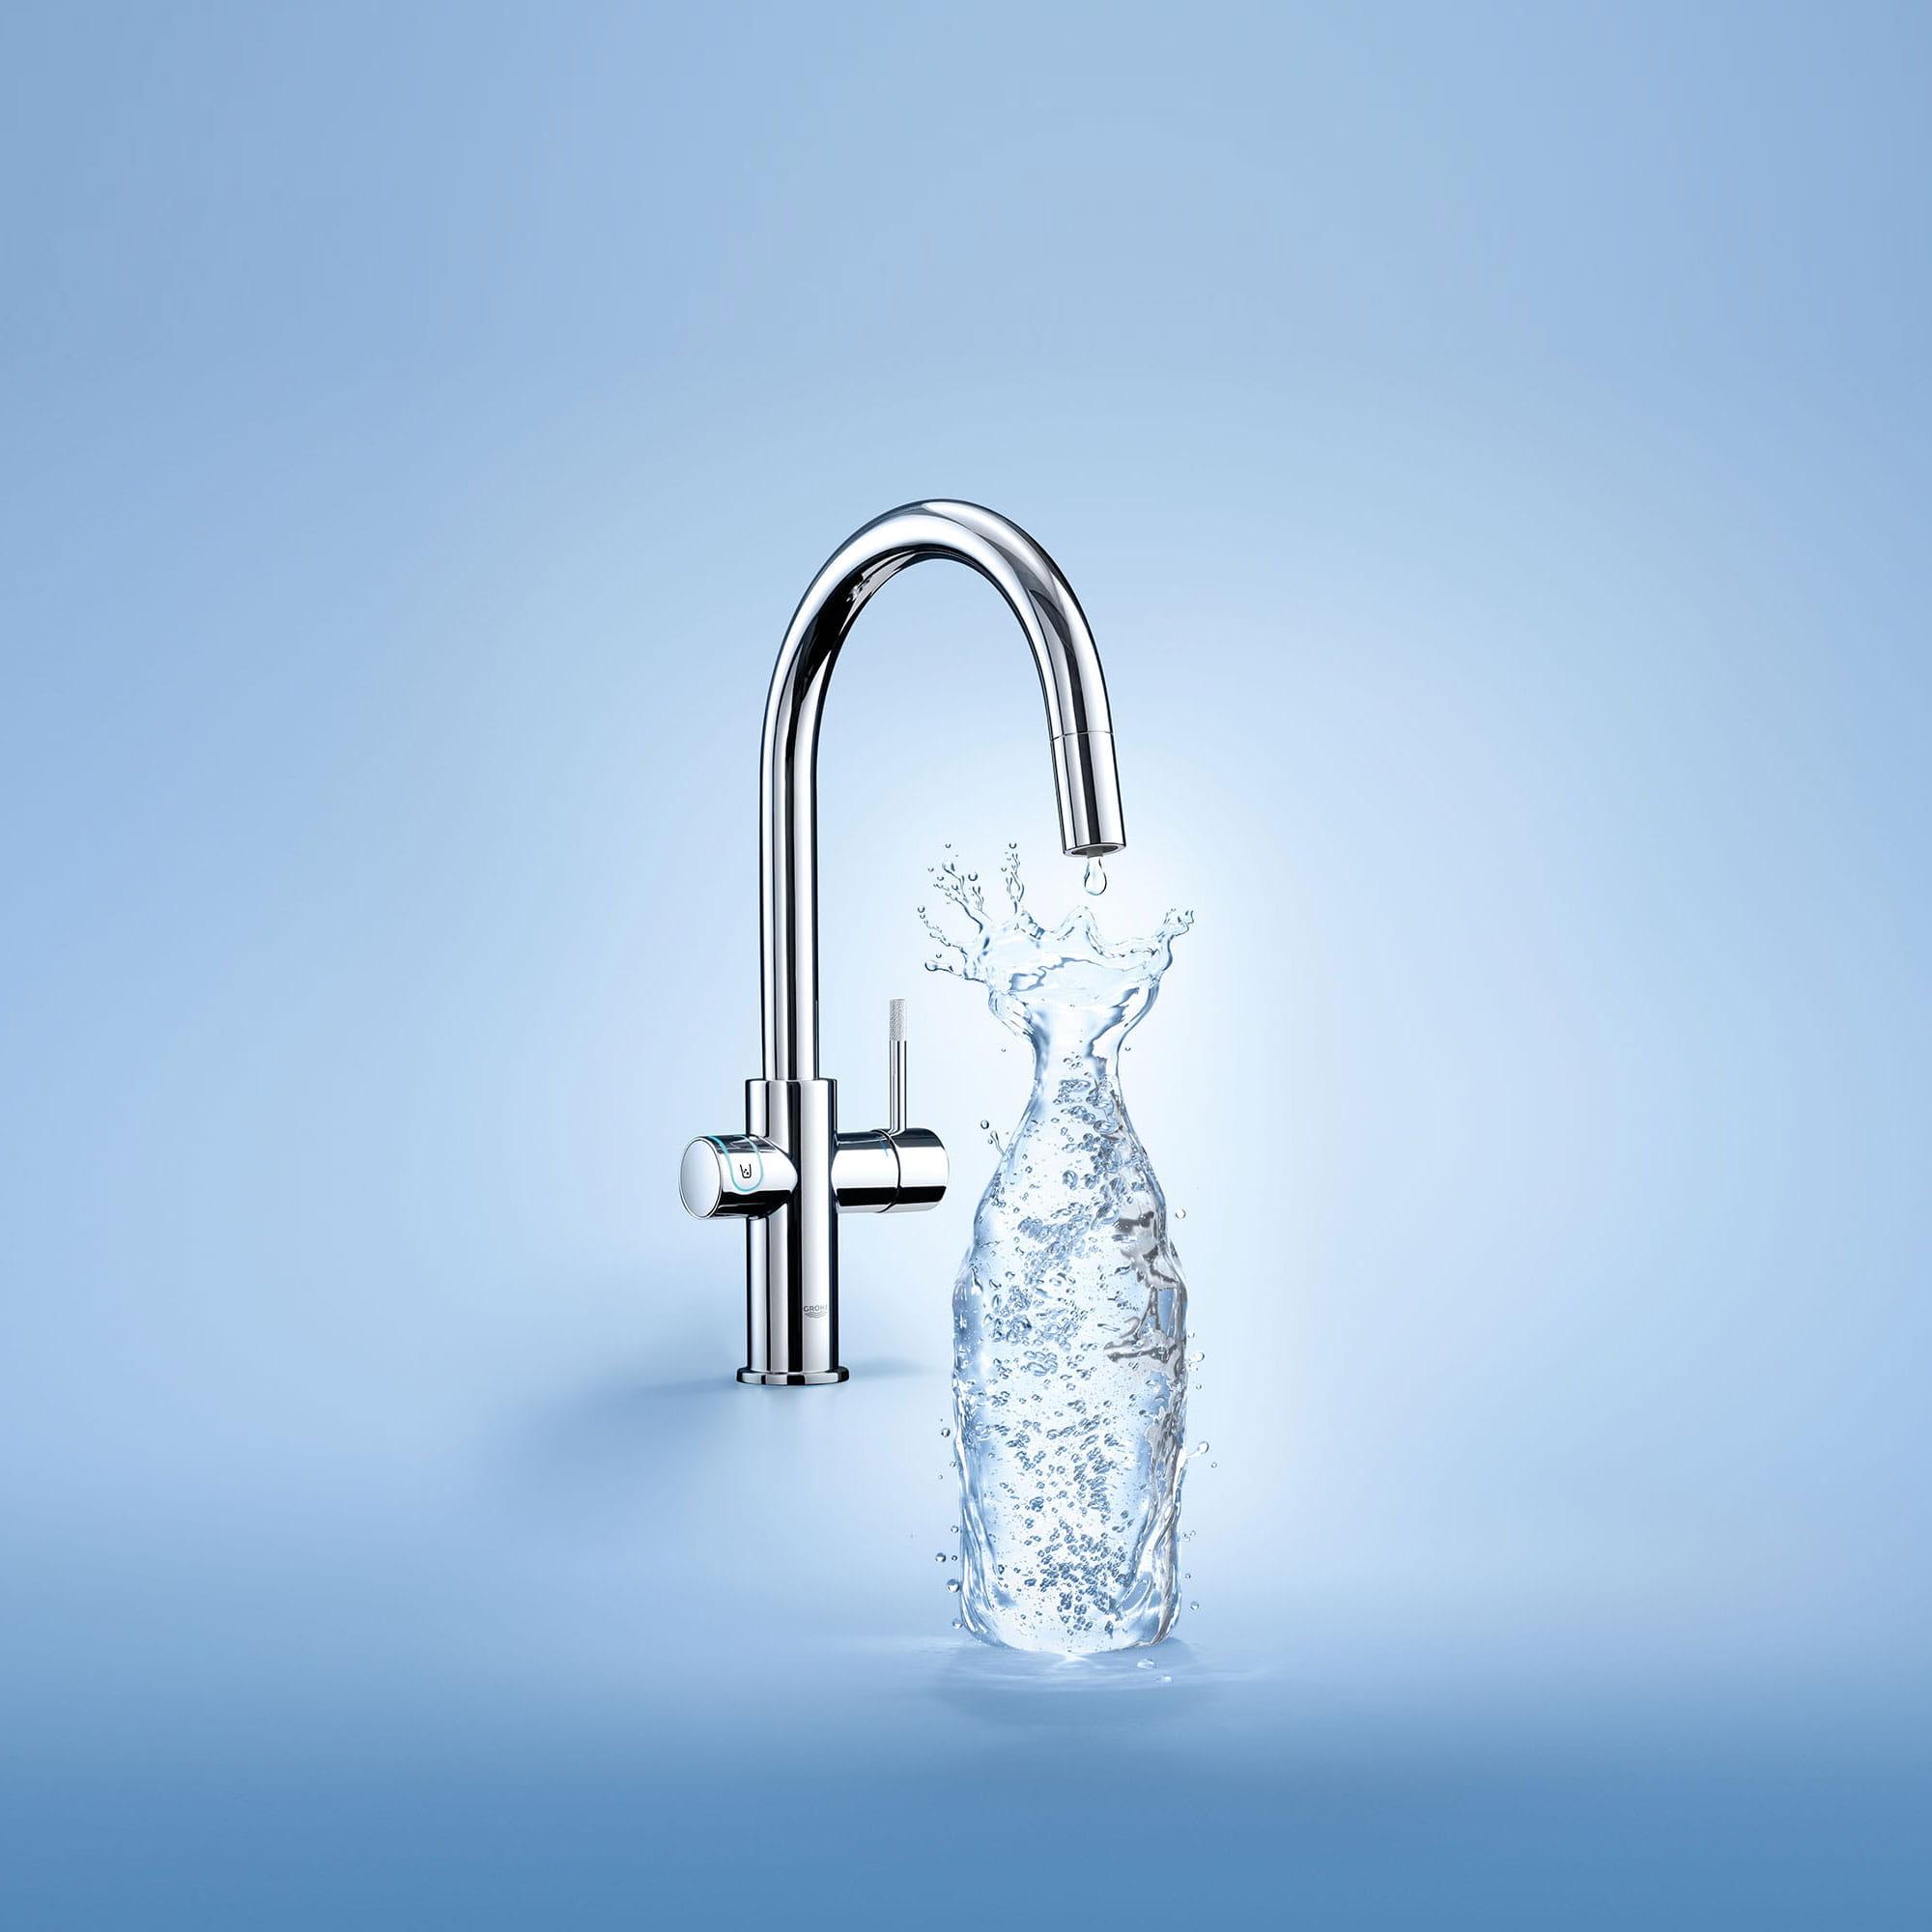 GROHE Blue Chilled & Sparkling robinet de cuisine avec boite d'eau